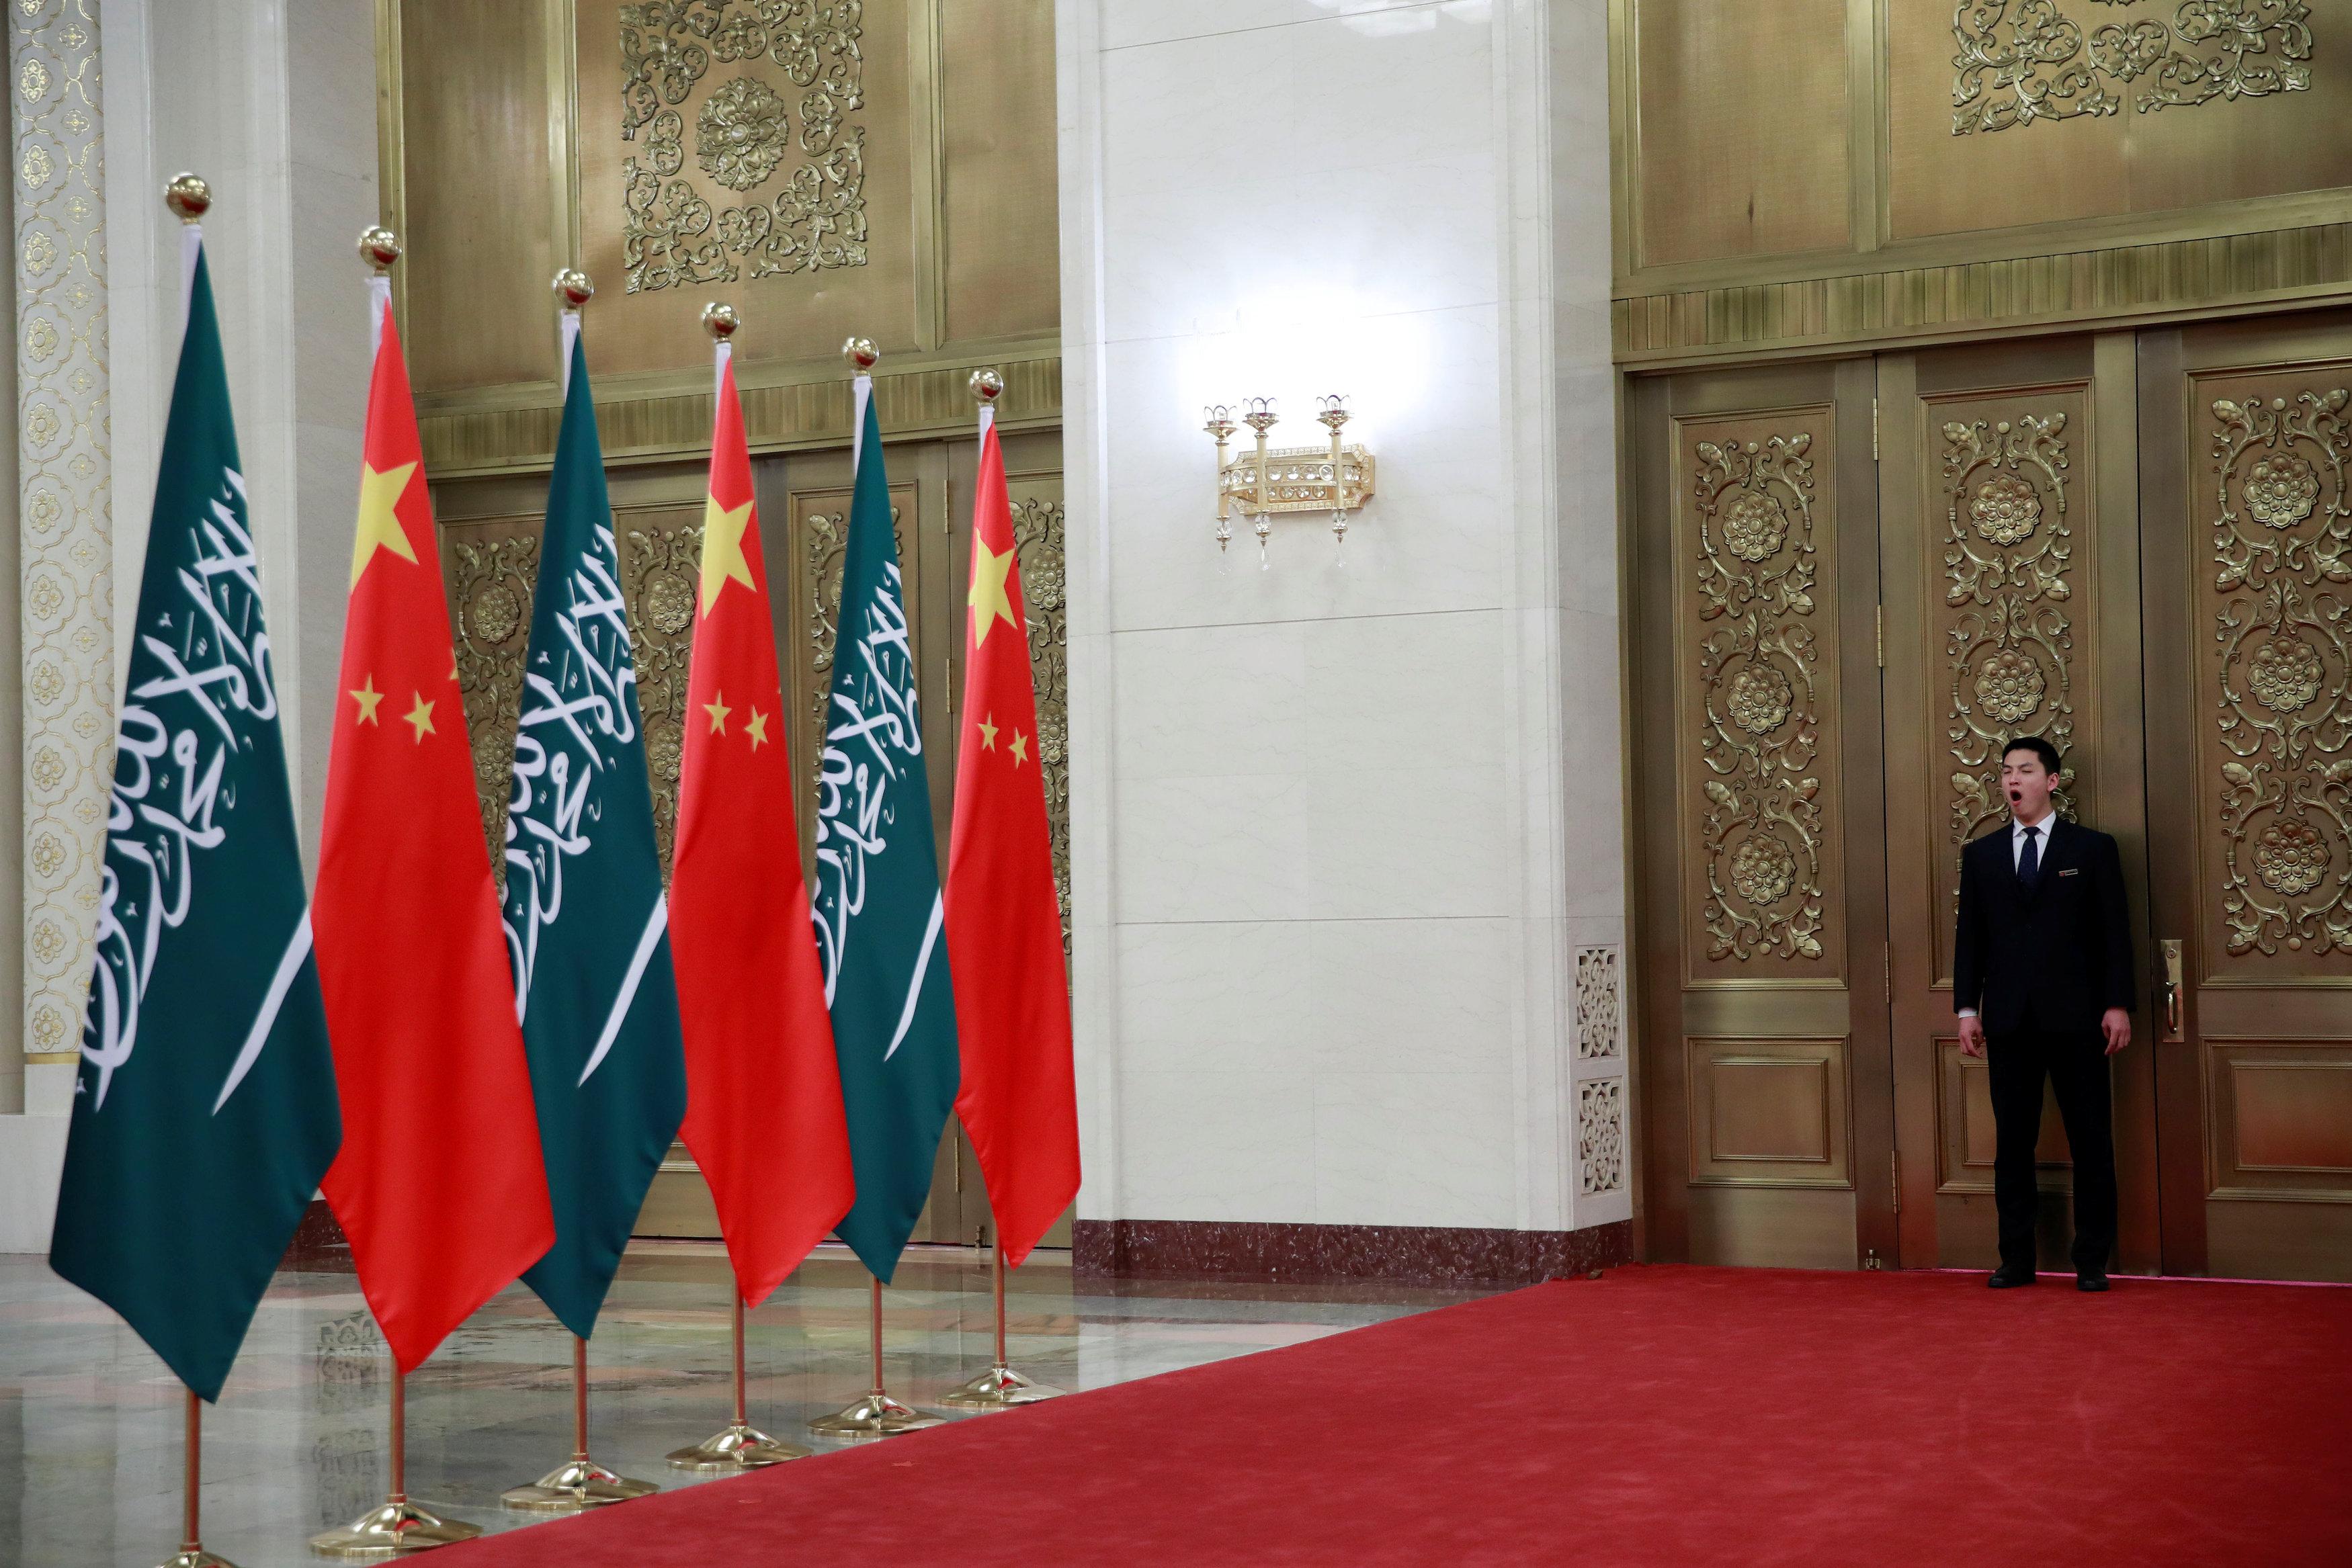 أعلام الصين والسعودية خارج غرفة الاجتماعات